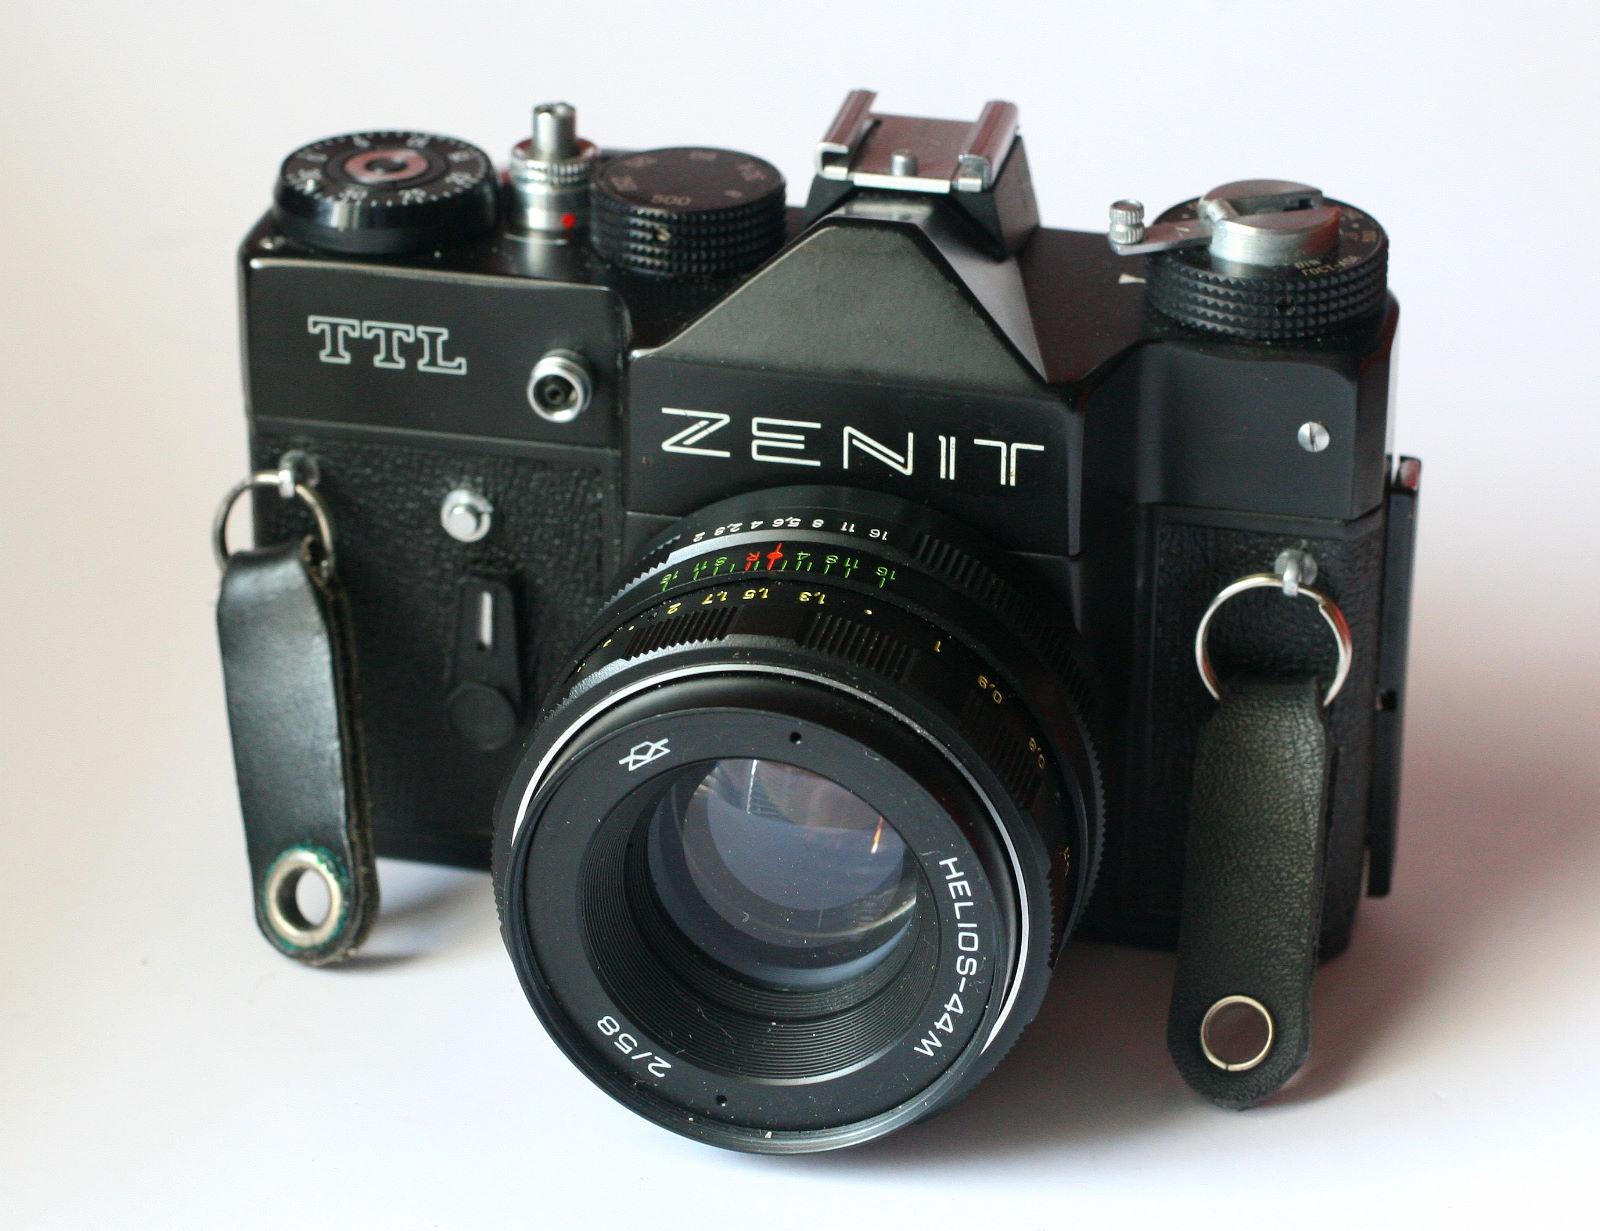 File:Zenit TTL (4982851683).jpg - Wikimedia Commons